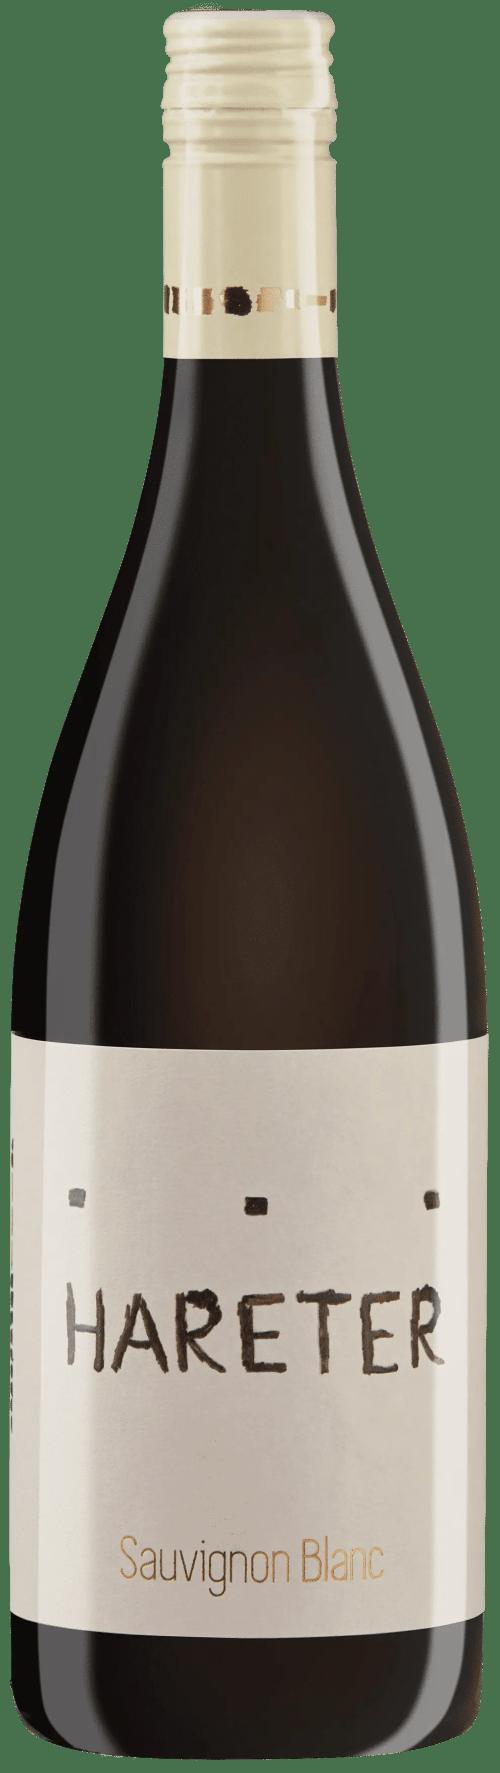 histaminfreier_Wein-Histamin_im_Wein-Hareter-Weiden